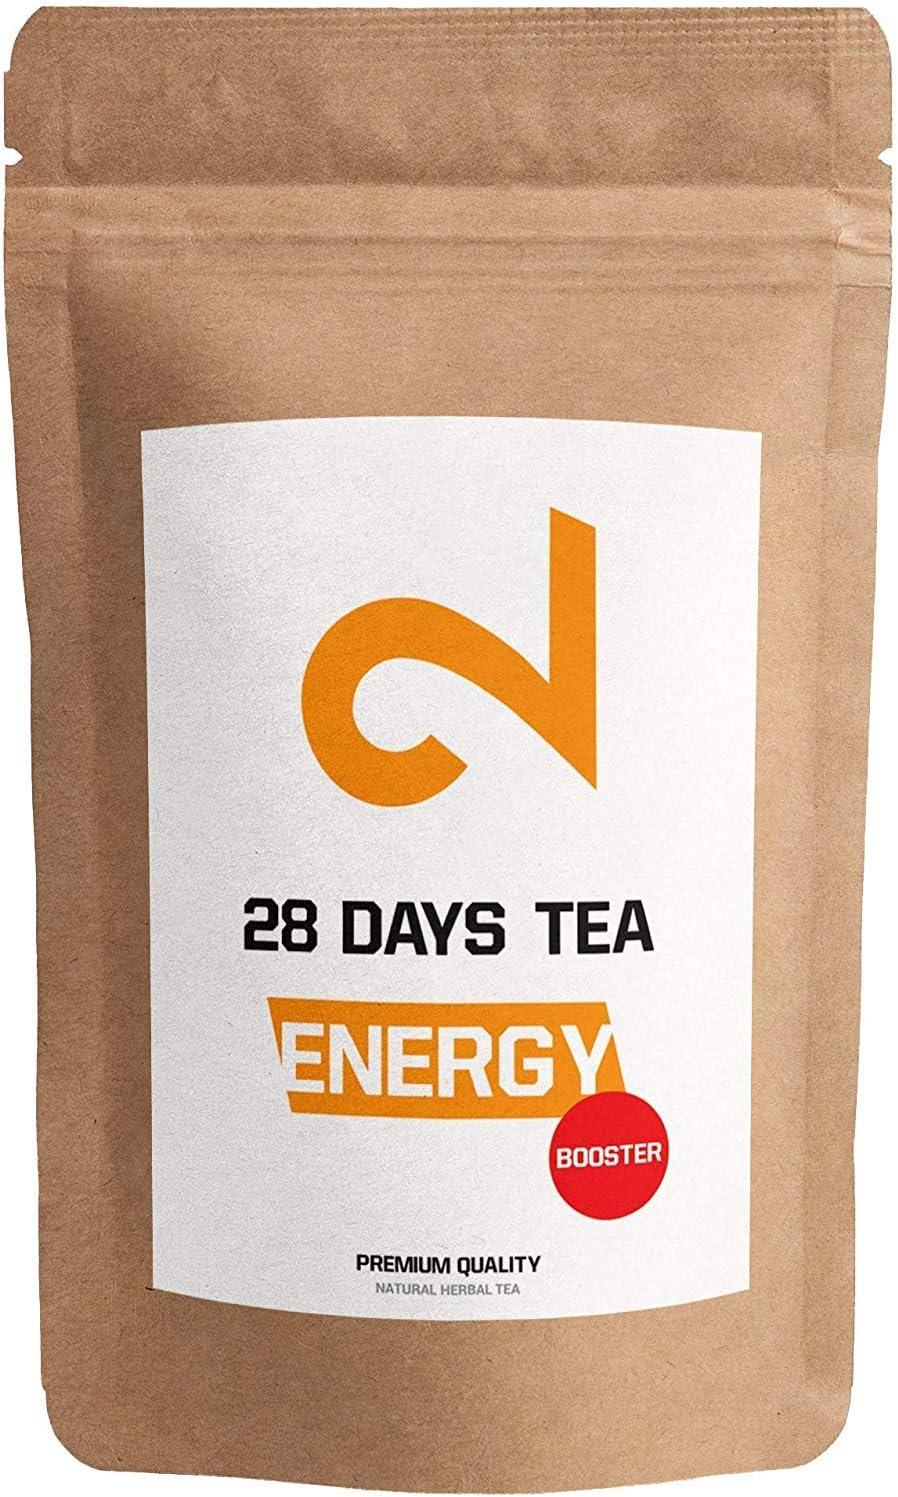 DUAL Energy - T� Booster da 28 giorni| 100% naturale| 125g di t� in foglia sfusa| Rinfrescante e piccante| Senza additivi| Senza zucchero| Senza zucchero| Vitamina arricchita|Vegan| Certificato in lab